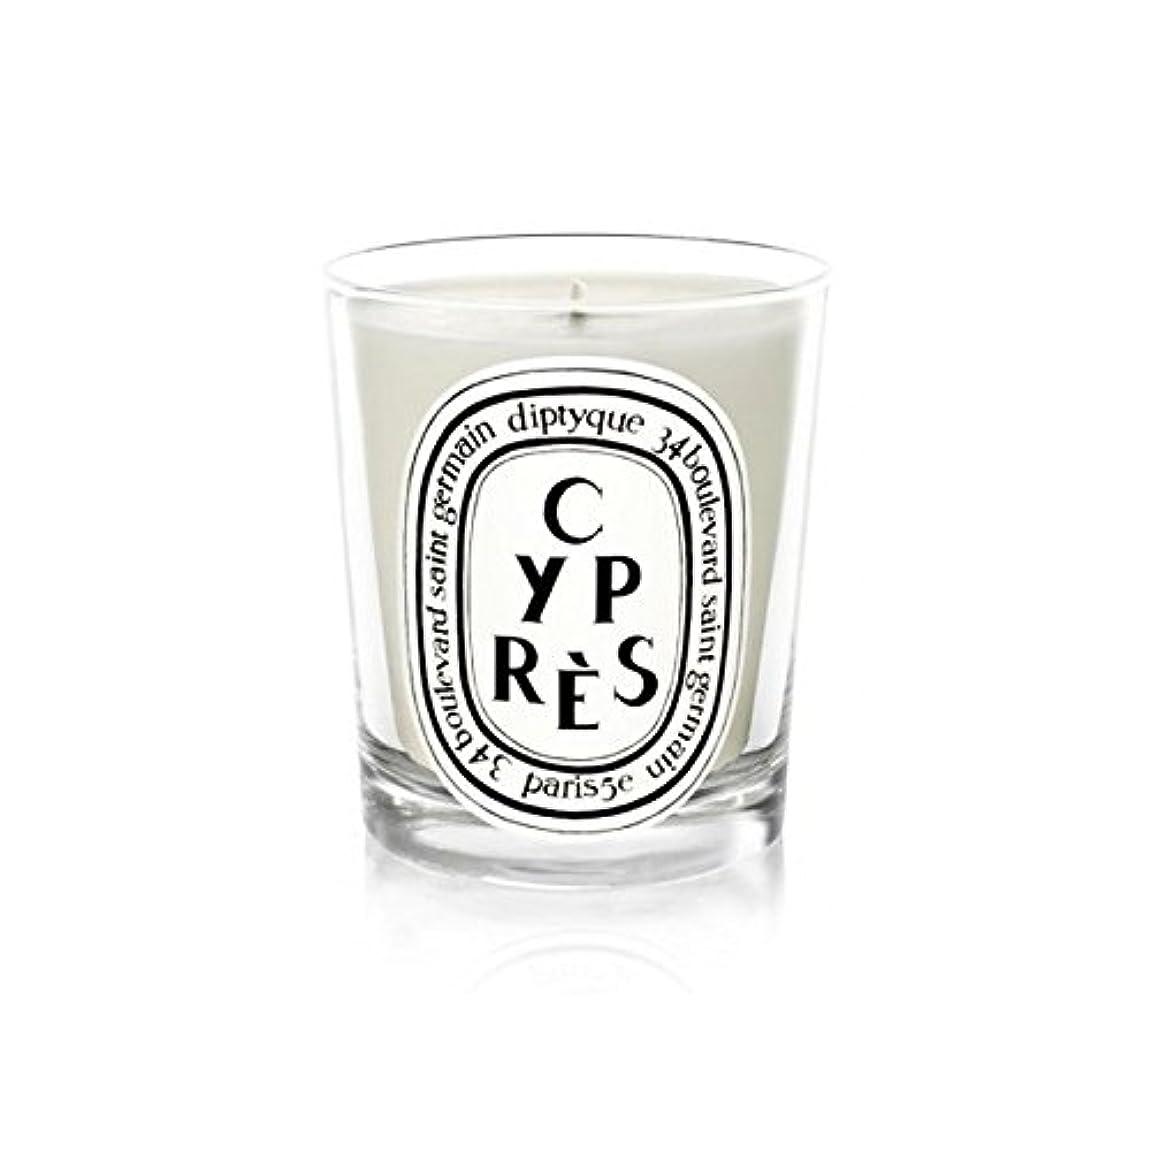 豪華なリップ元に戻すDiptyqueキャンドルCypr?s/ヒノキ190グラム - Diptyque Candle Cypr?s / Cypress 190g (Diptyque) [並行輸入品]